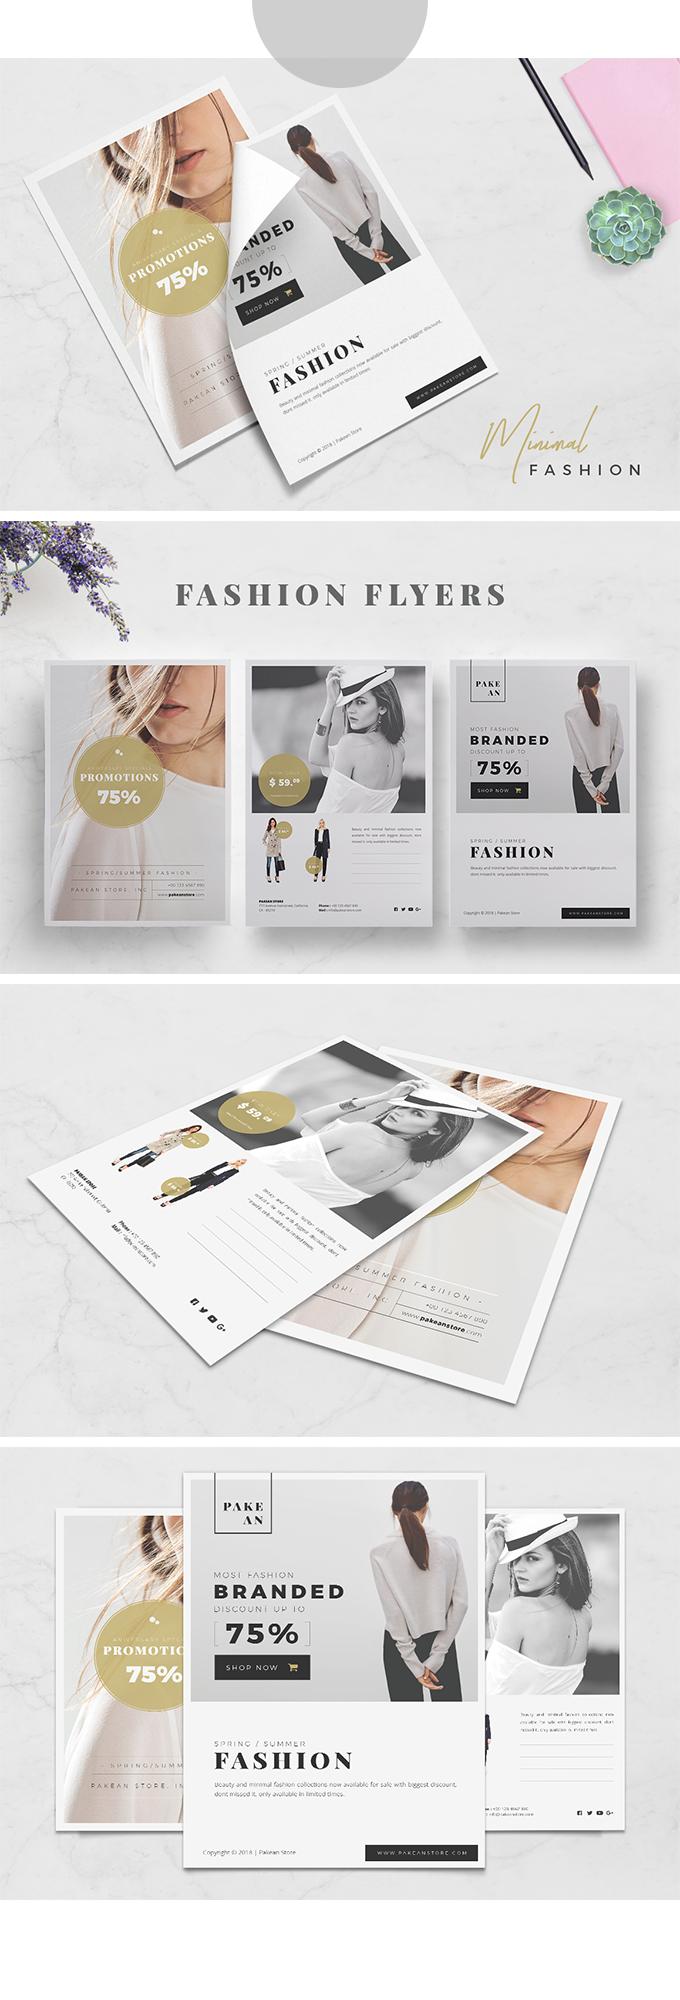 Minimal Fashion Flyer